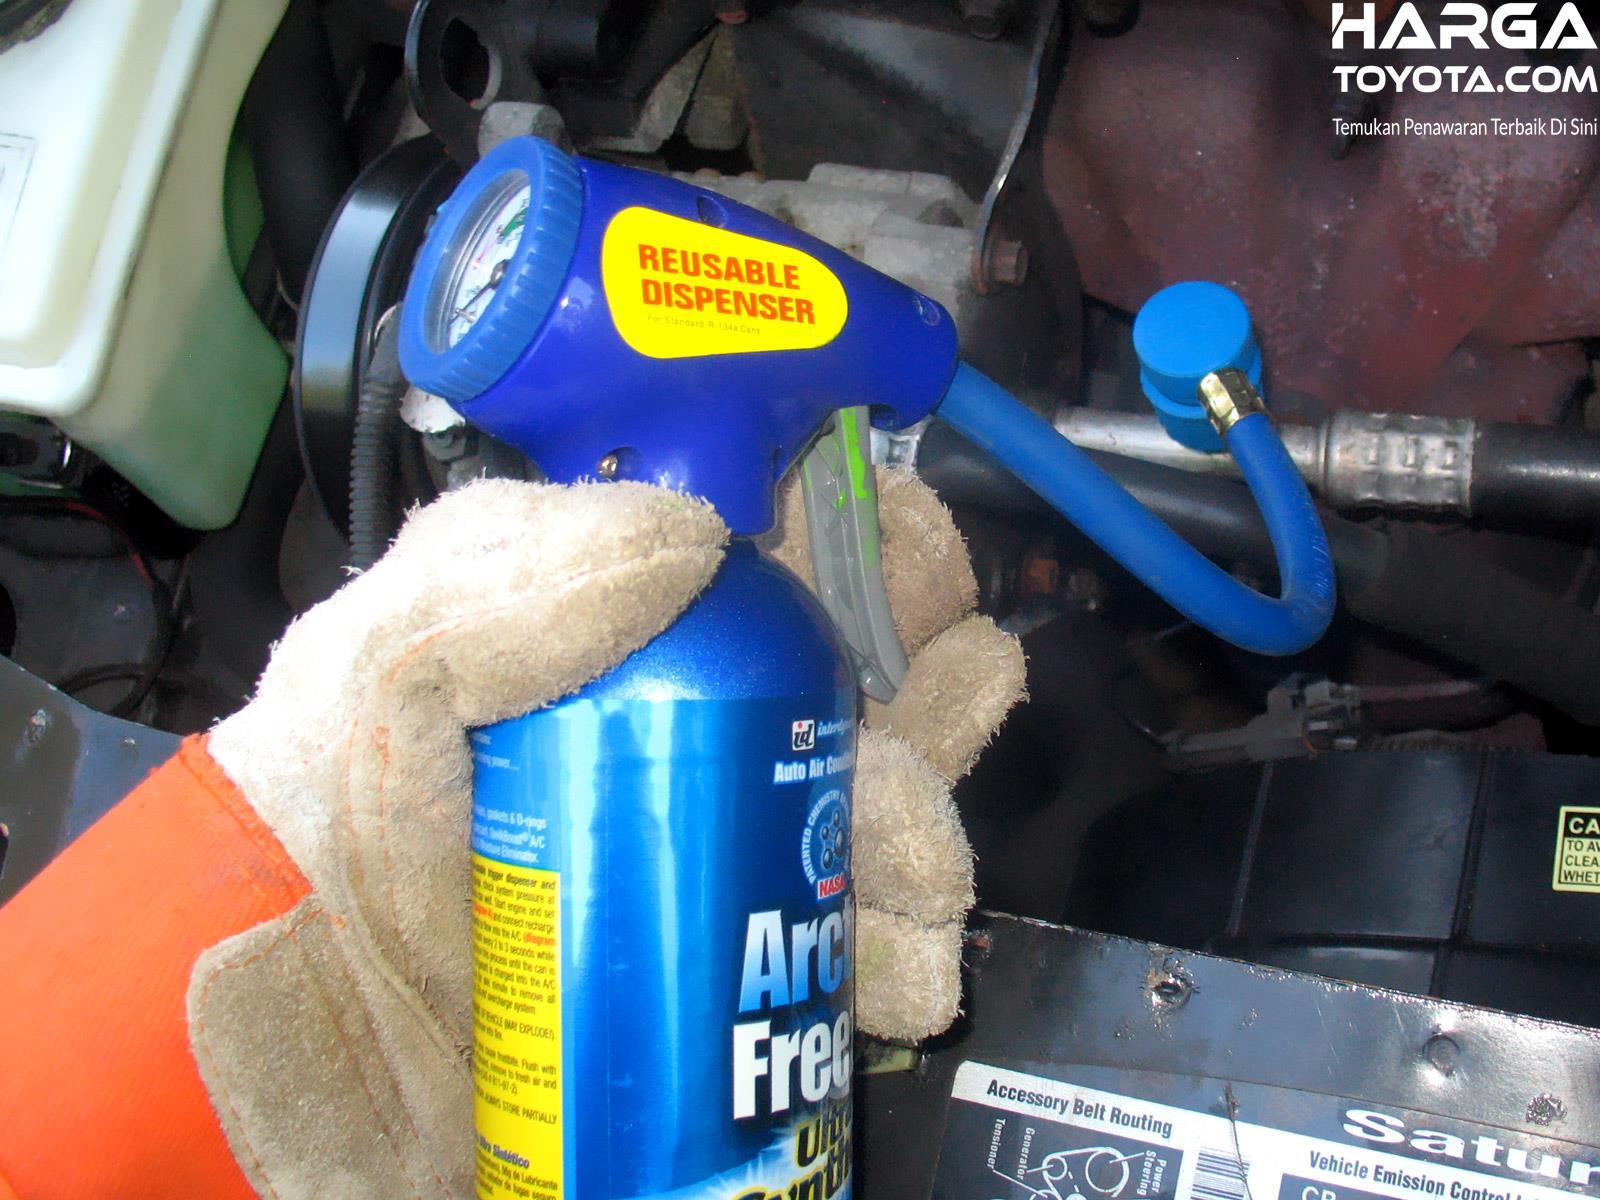 teknisi yang sedang mengisi ulang freon AC pada mobil